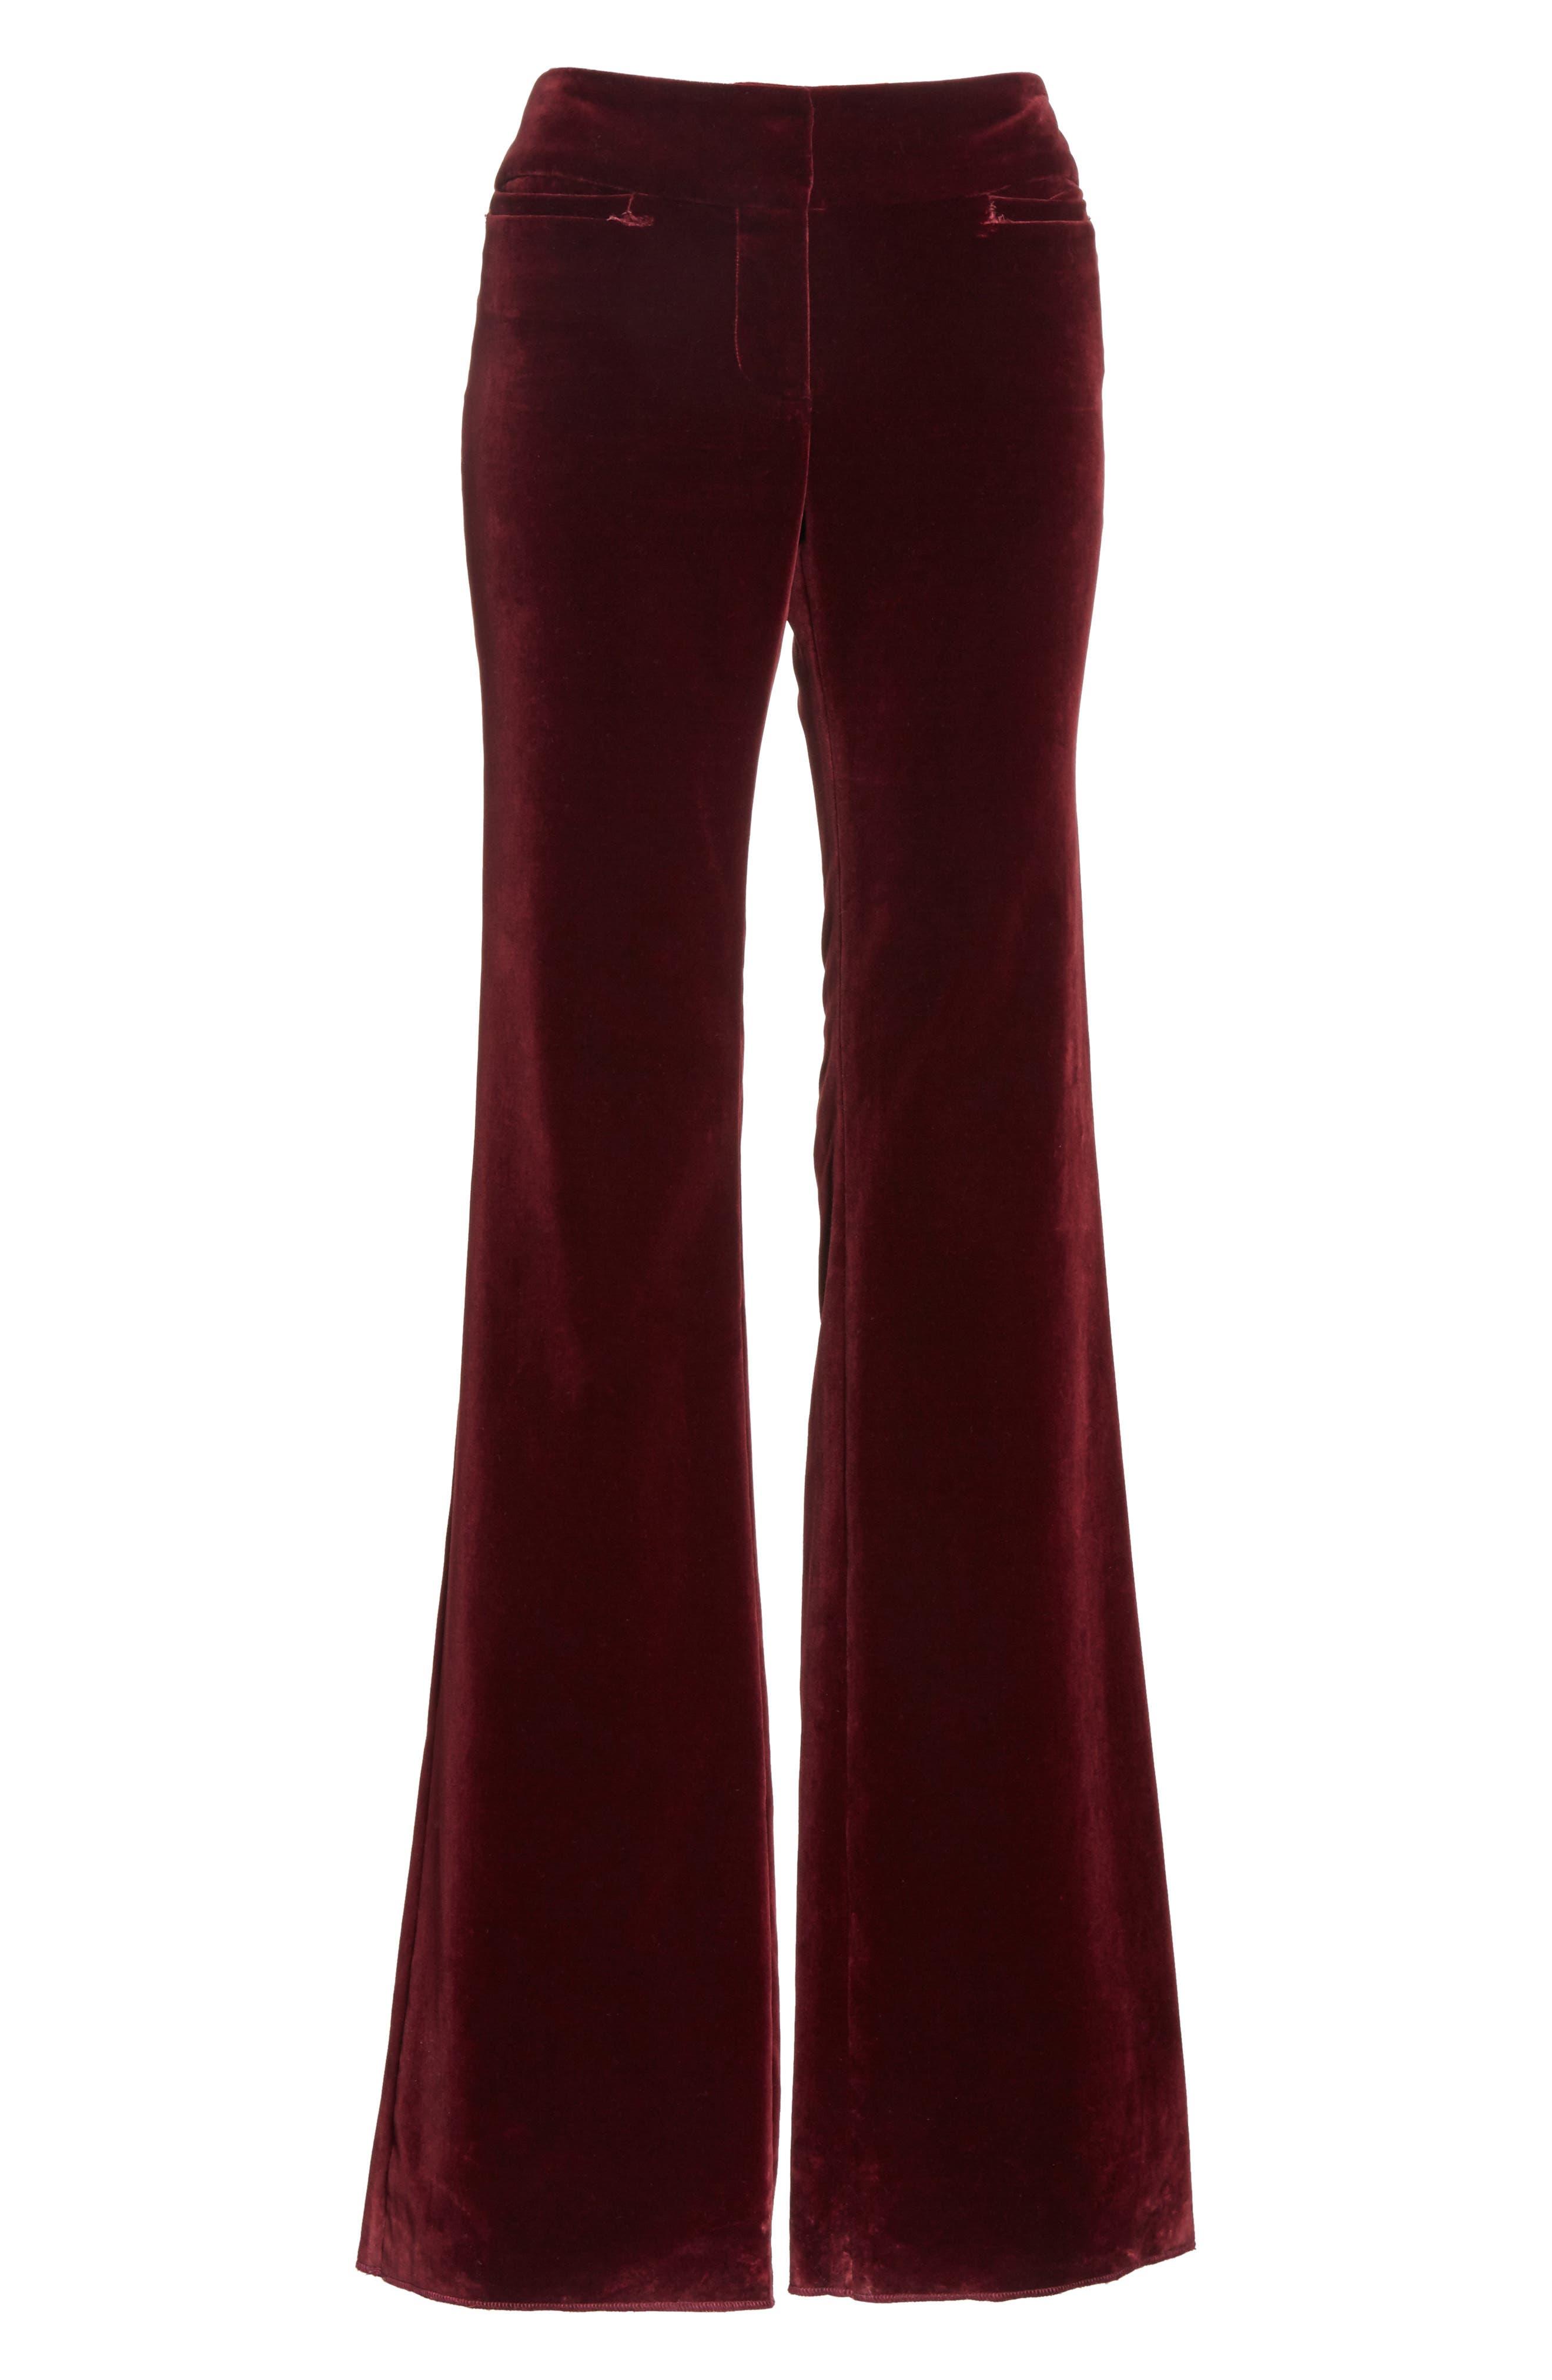 Amoire Velvet Flare Pants,                             Alternate thumbnail 8, color,                             Burgundy